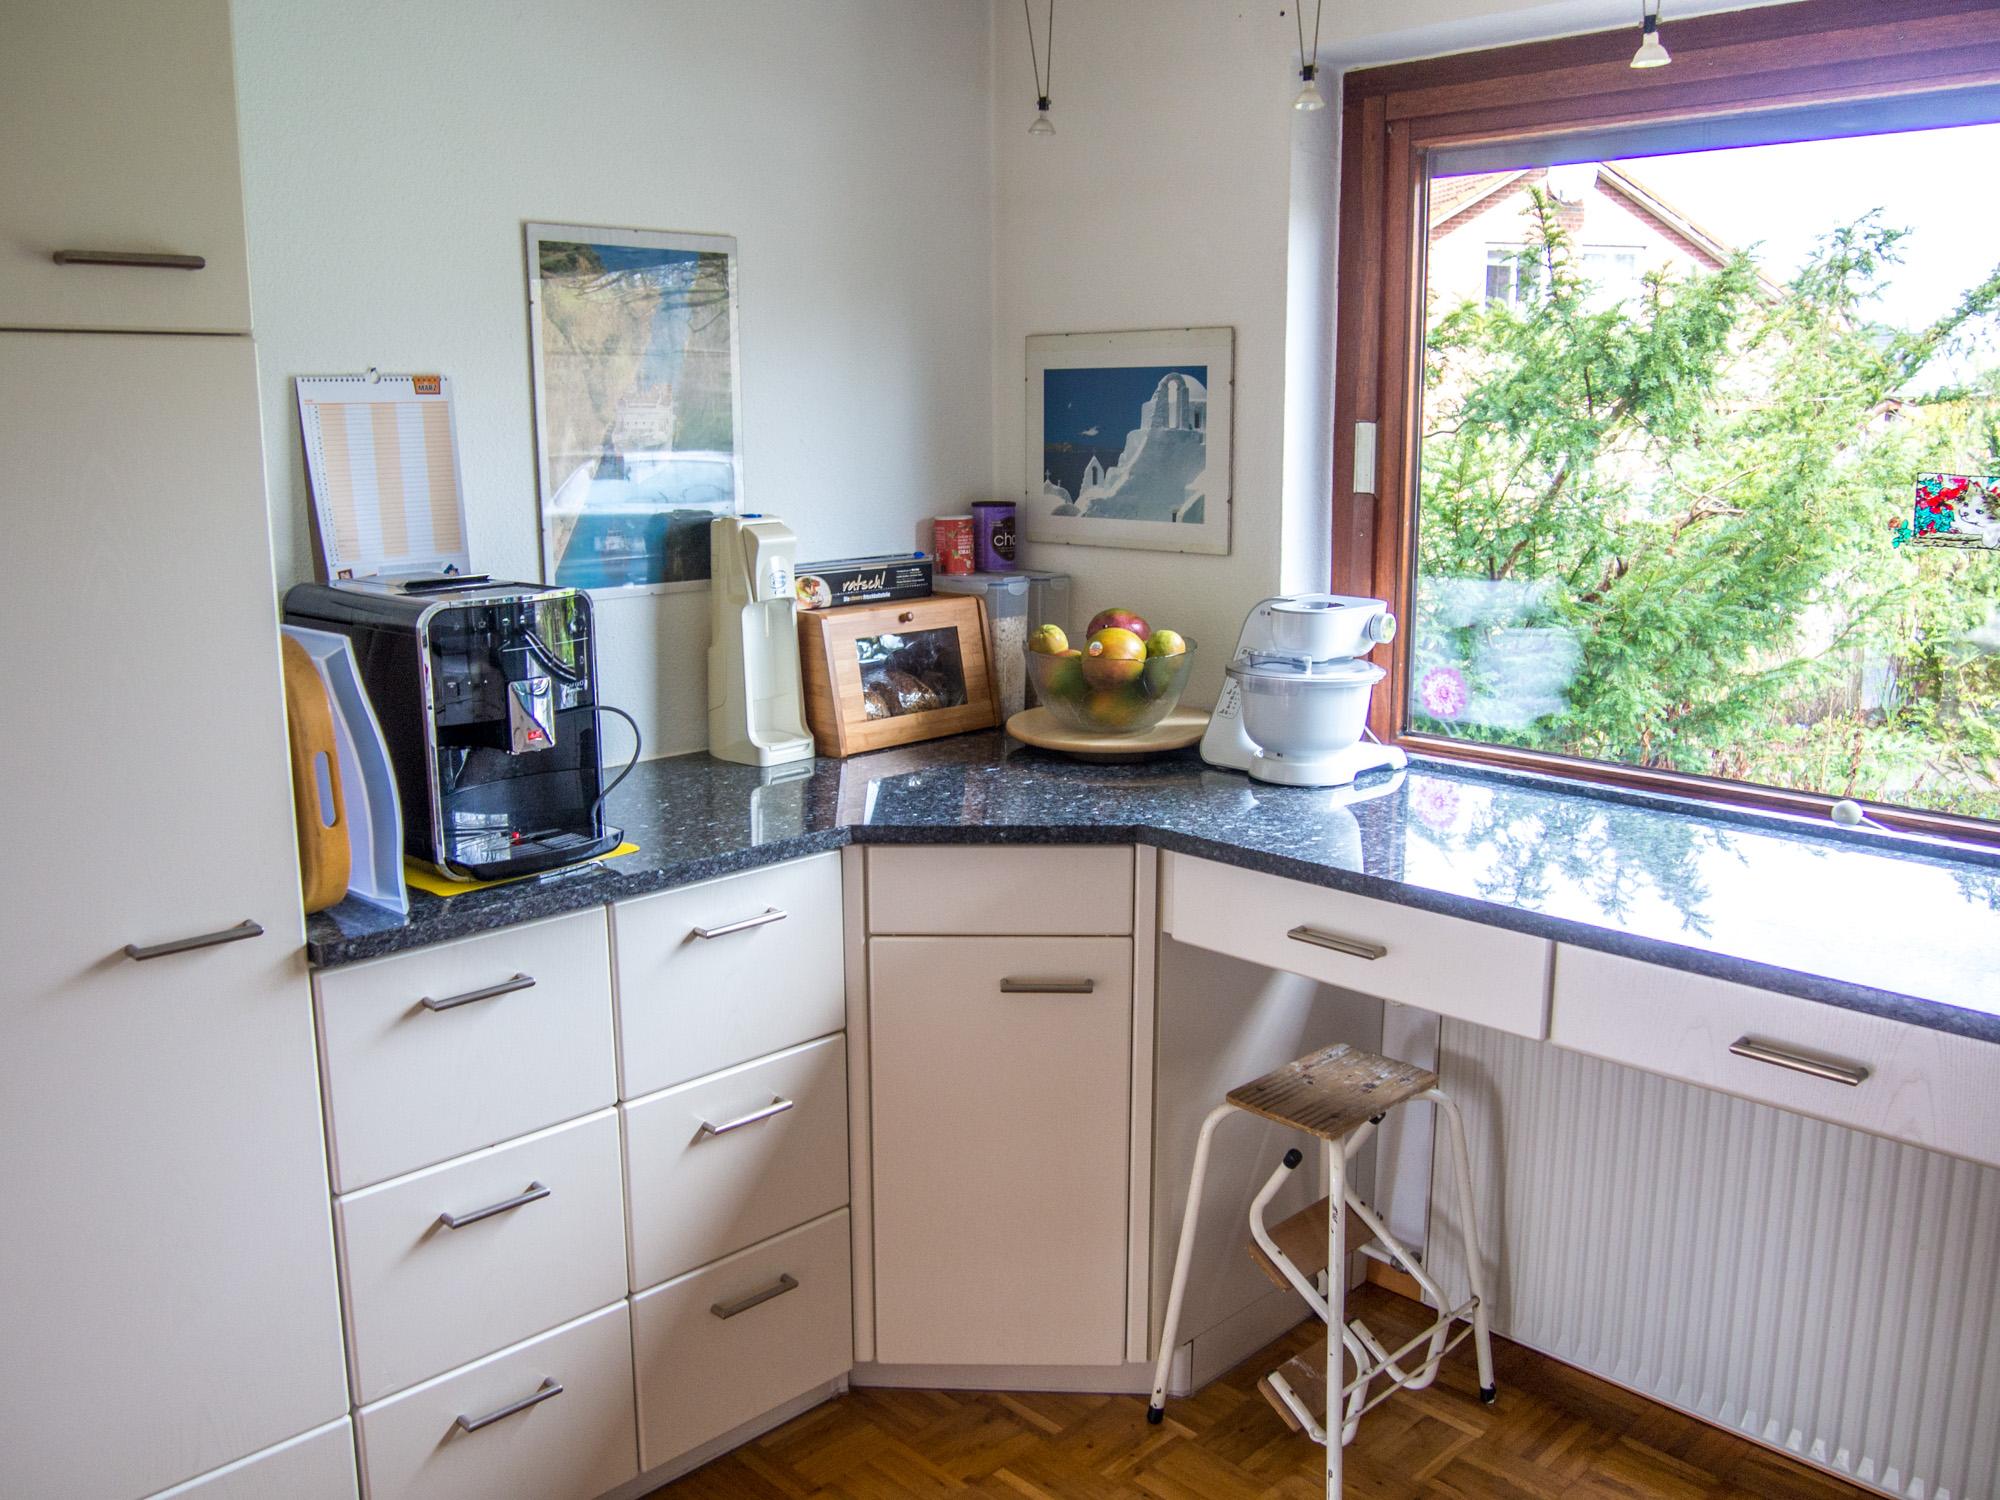 blick hinter die kulissen: meine küche & meine traumküche {werbung ... - Traum Küche